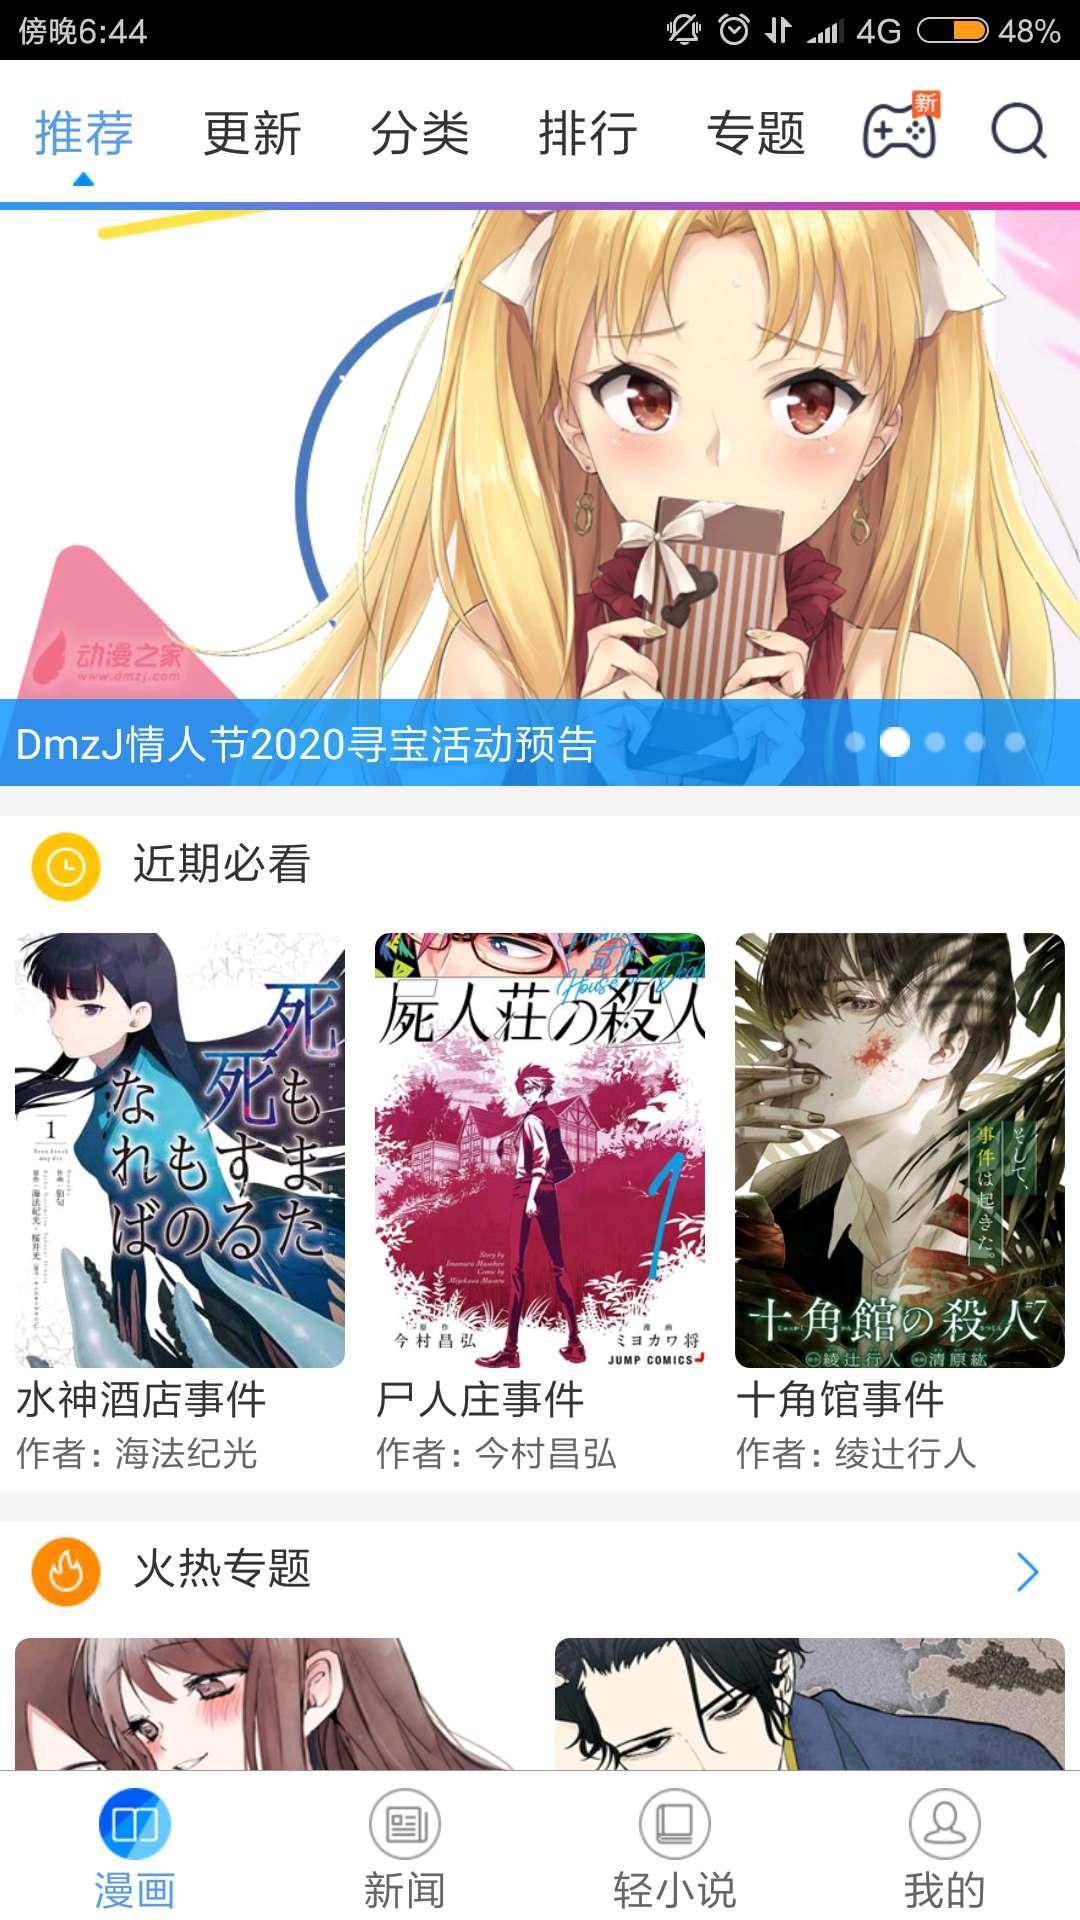 【分享】动漫之家纯净版,超多日漫韩漫免费看,漫画党福音!